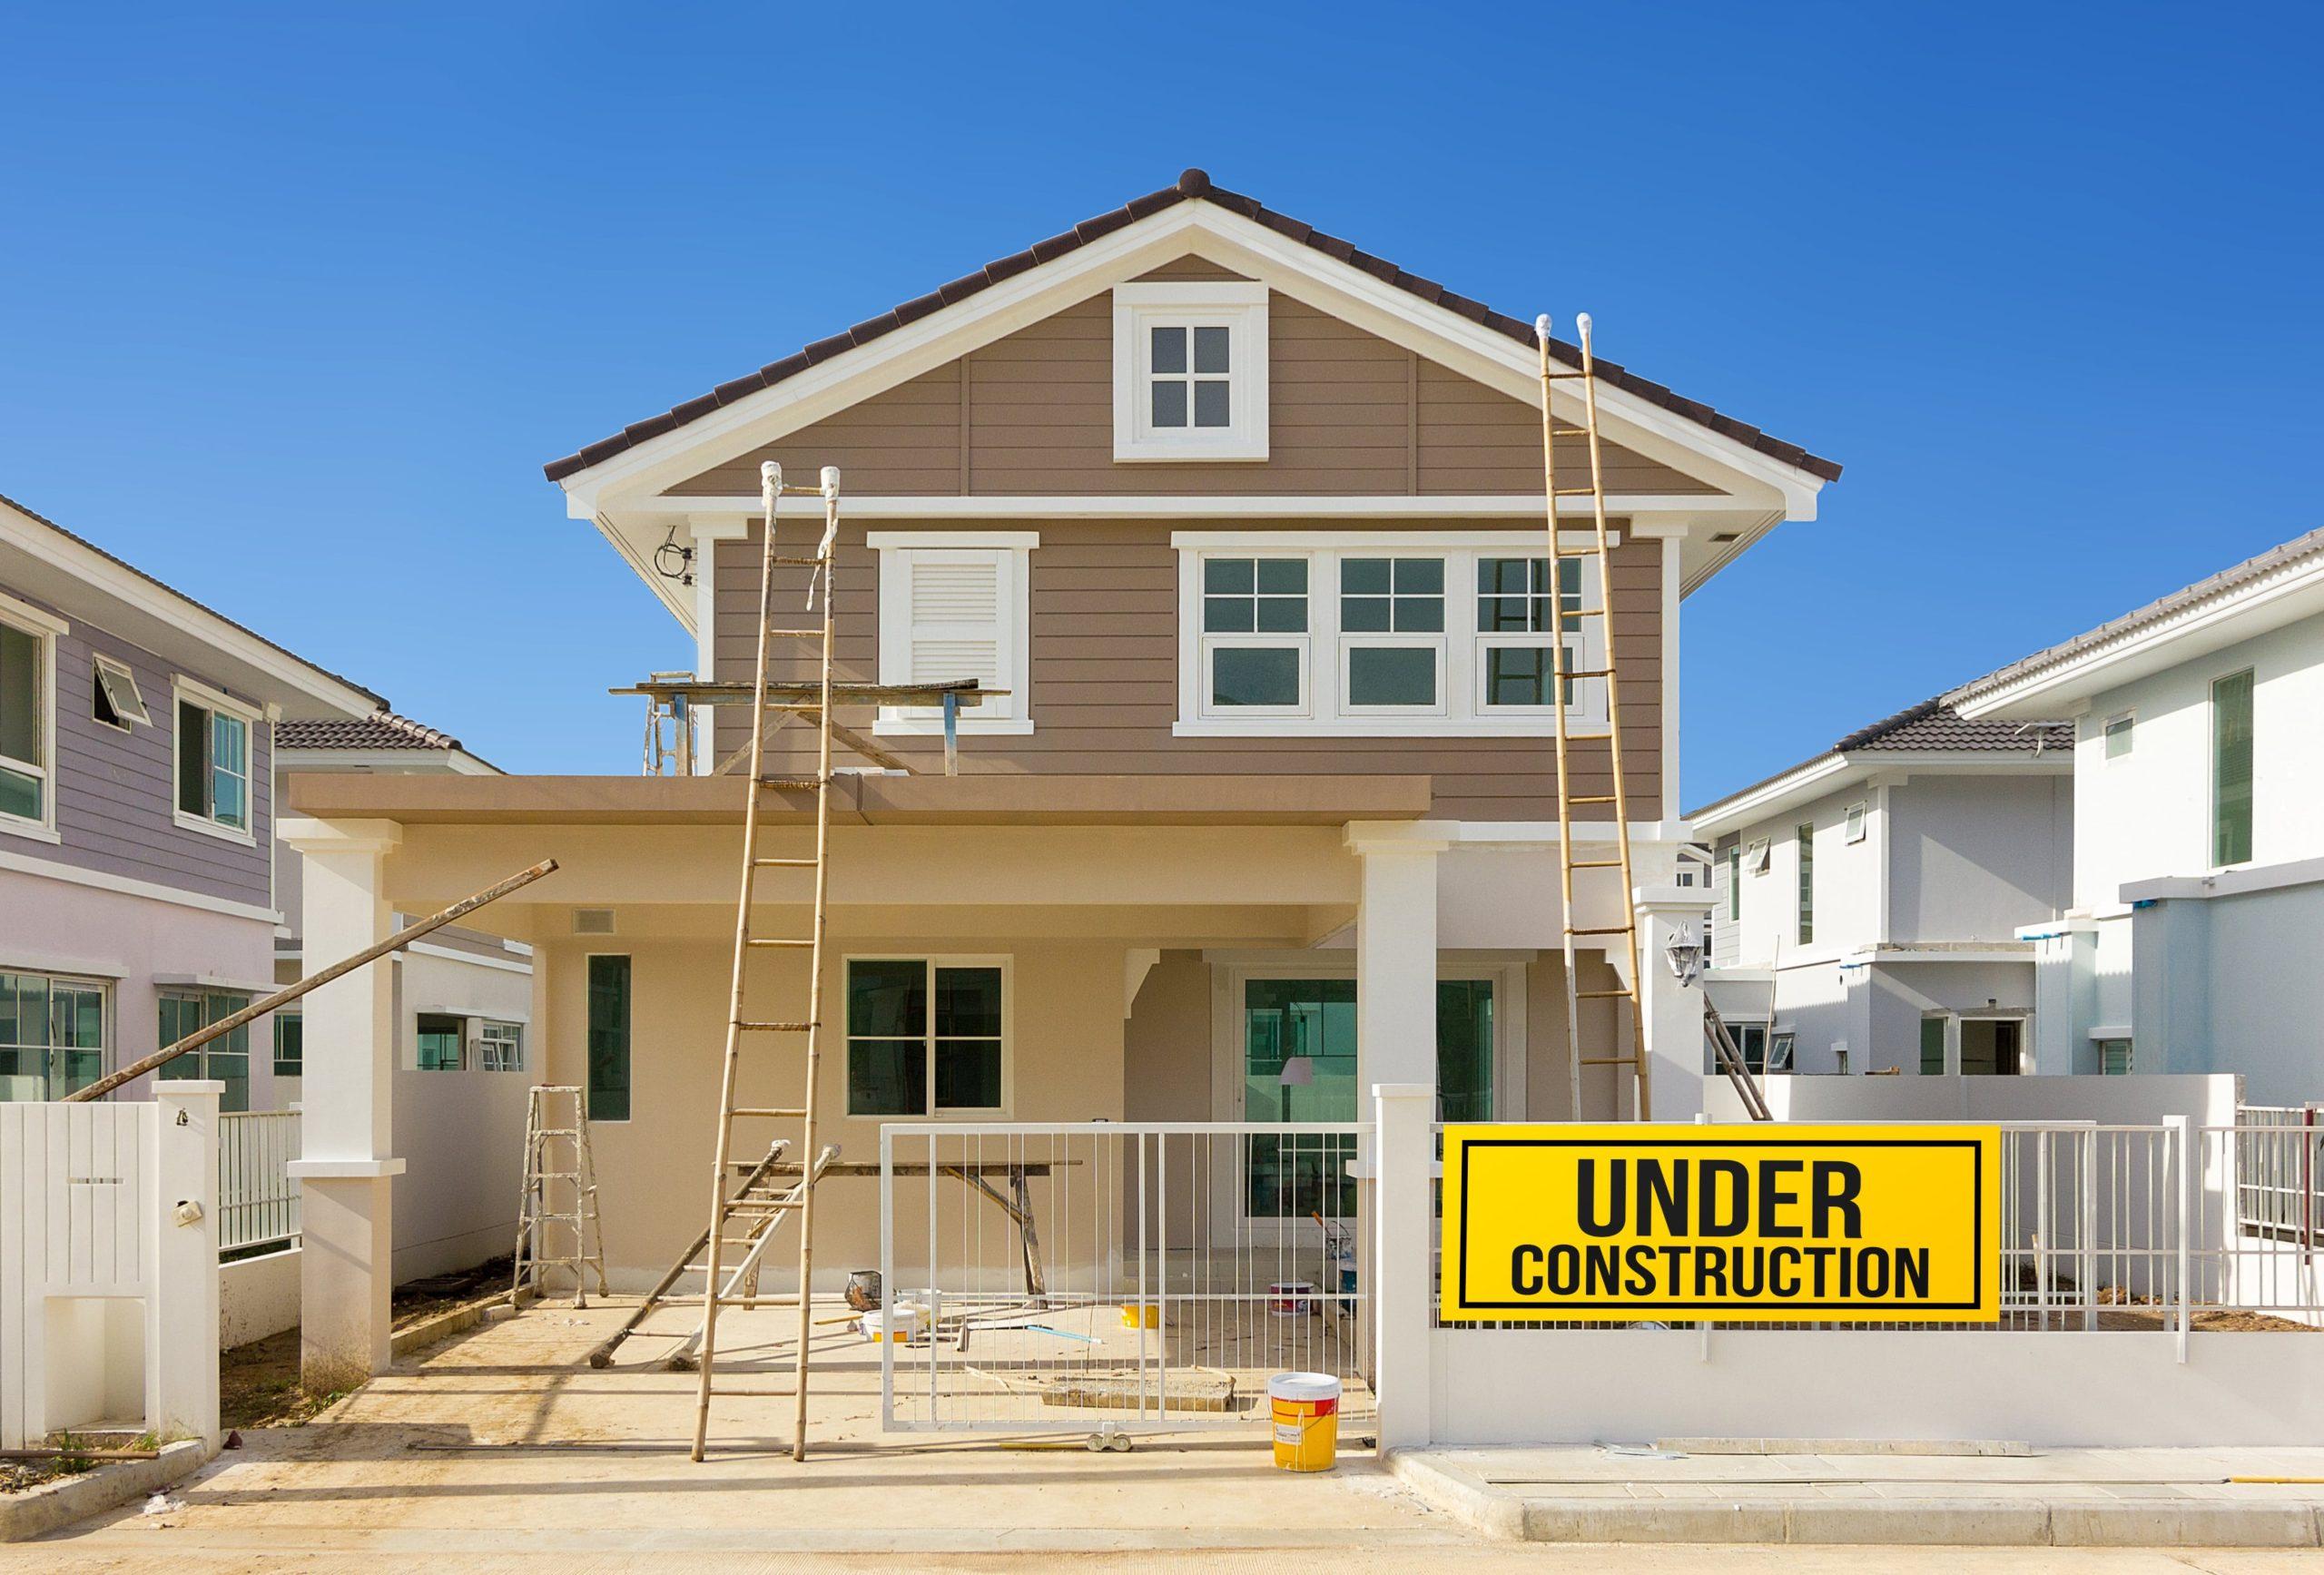 foto casa en construccion